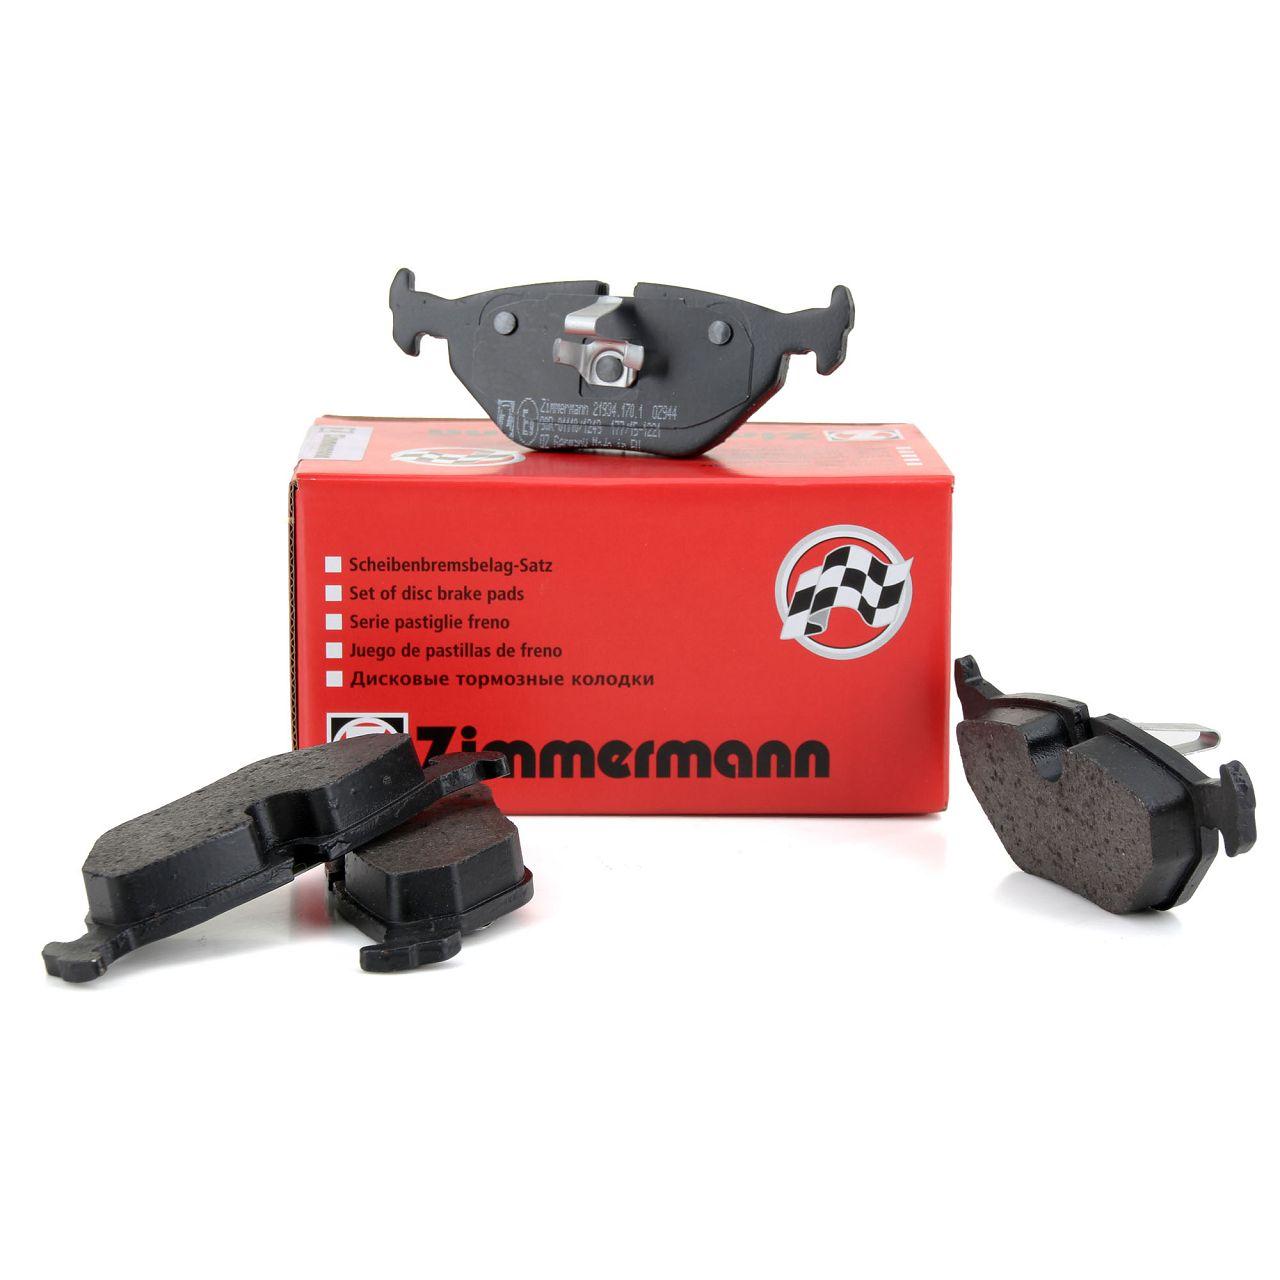 ZIMMERMANN Bremsbeläge BMW 3er E46 318-328i 318/320d Z4 E85 E86 2.0-3.0 si hinten